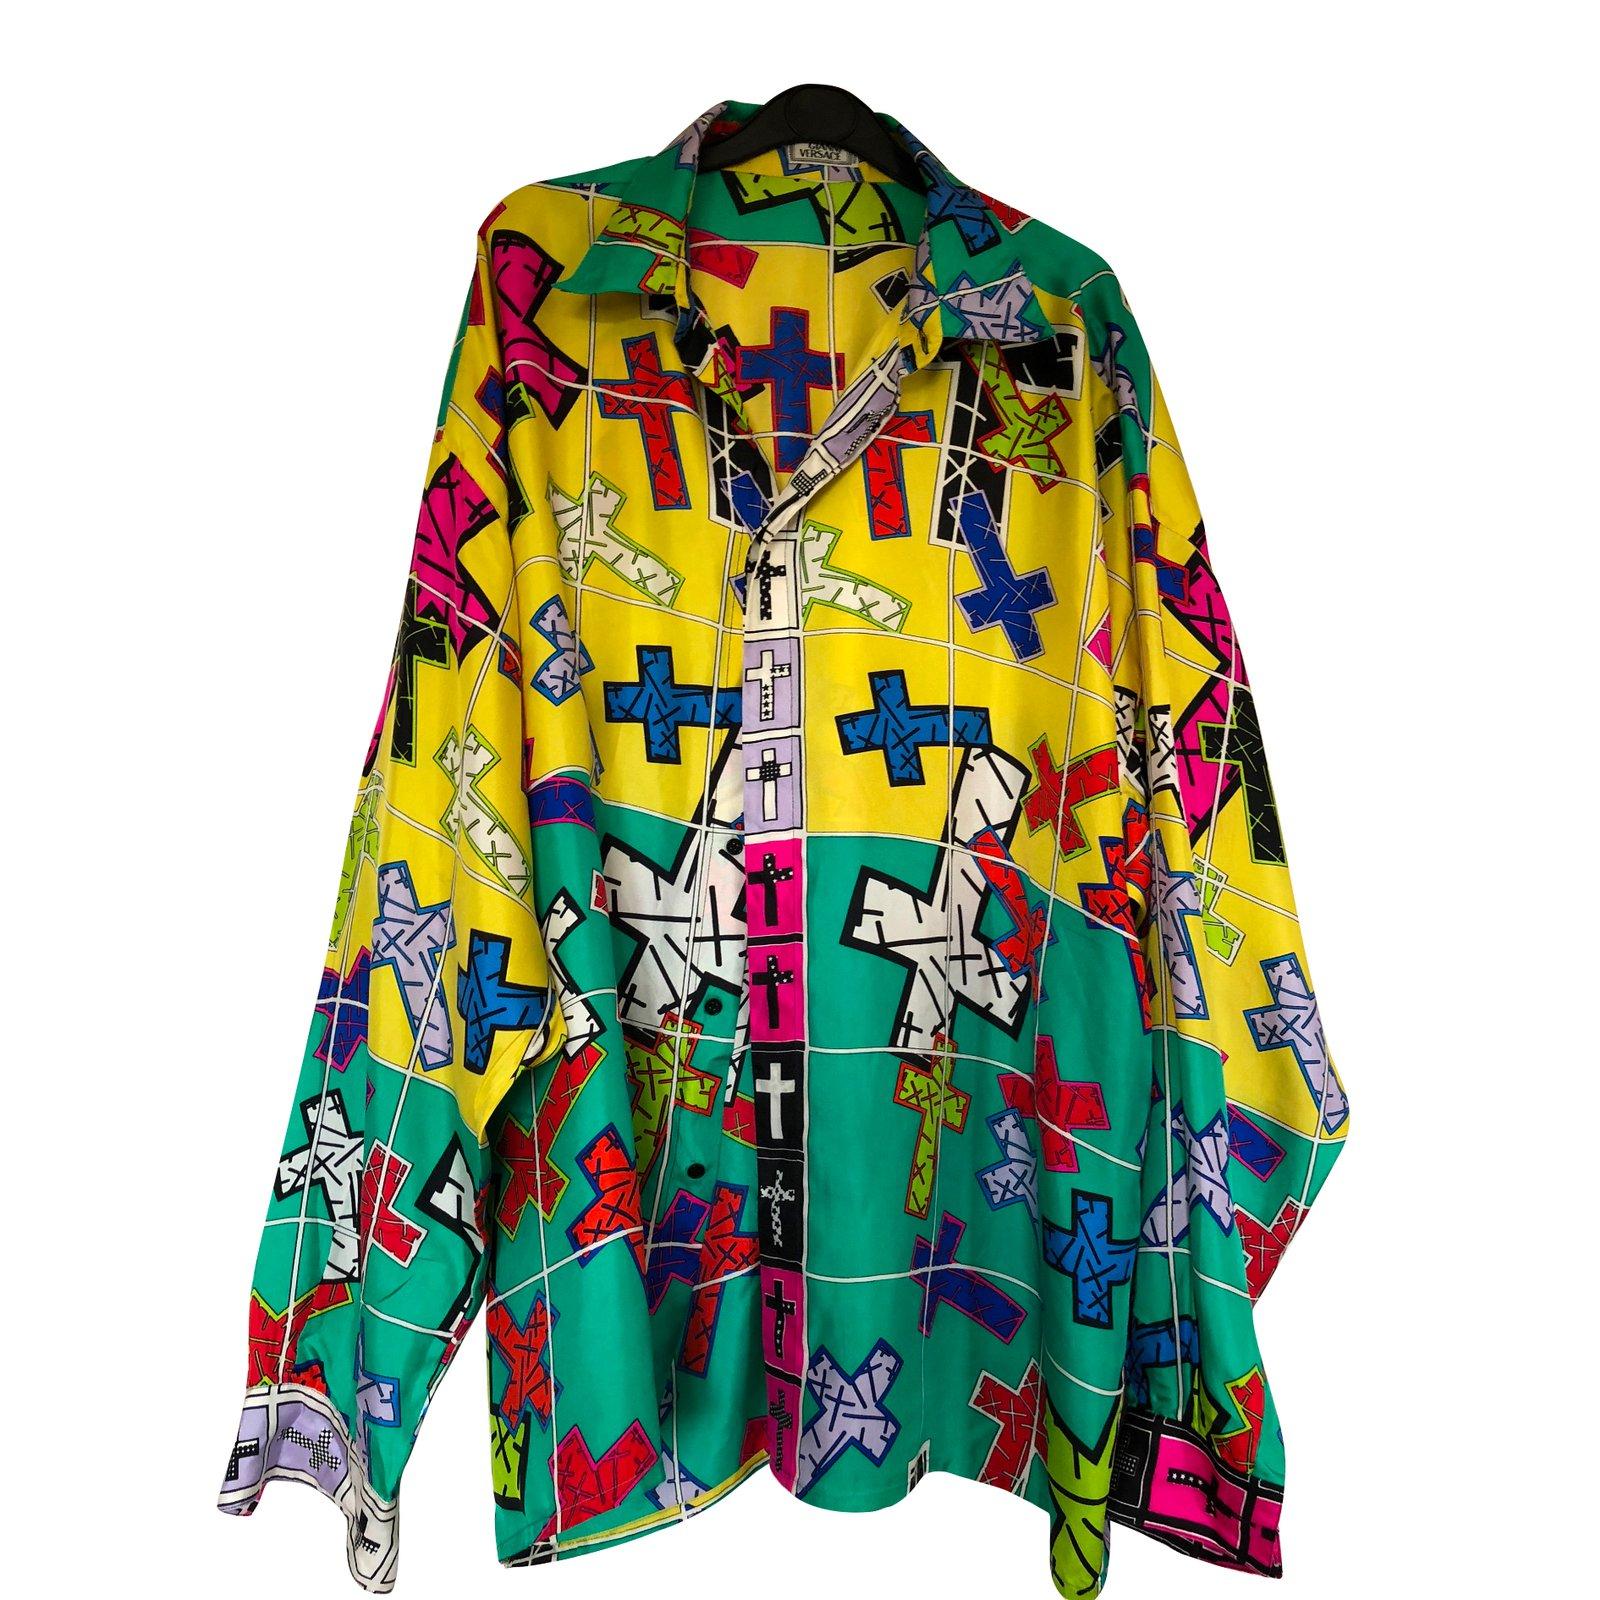 Chemises Gianni Versace Chemise motif à croix Polyester Multicolore  ref.61557 d0e3d4a24fd